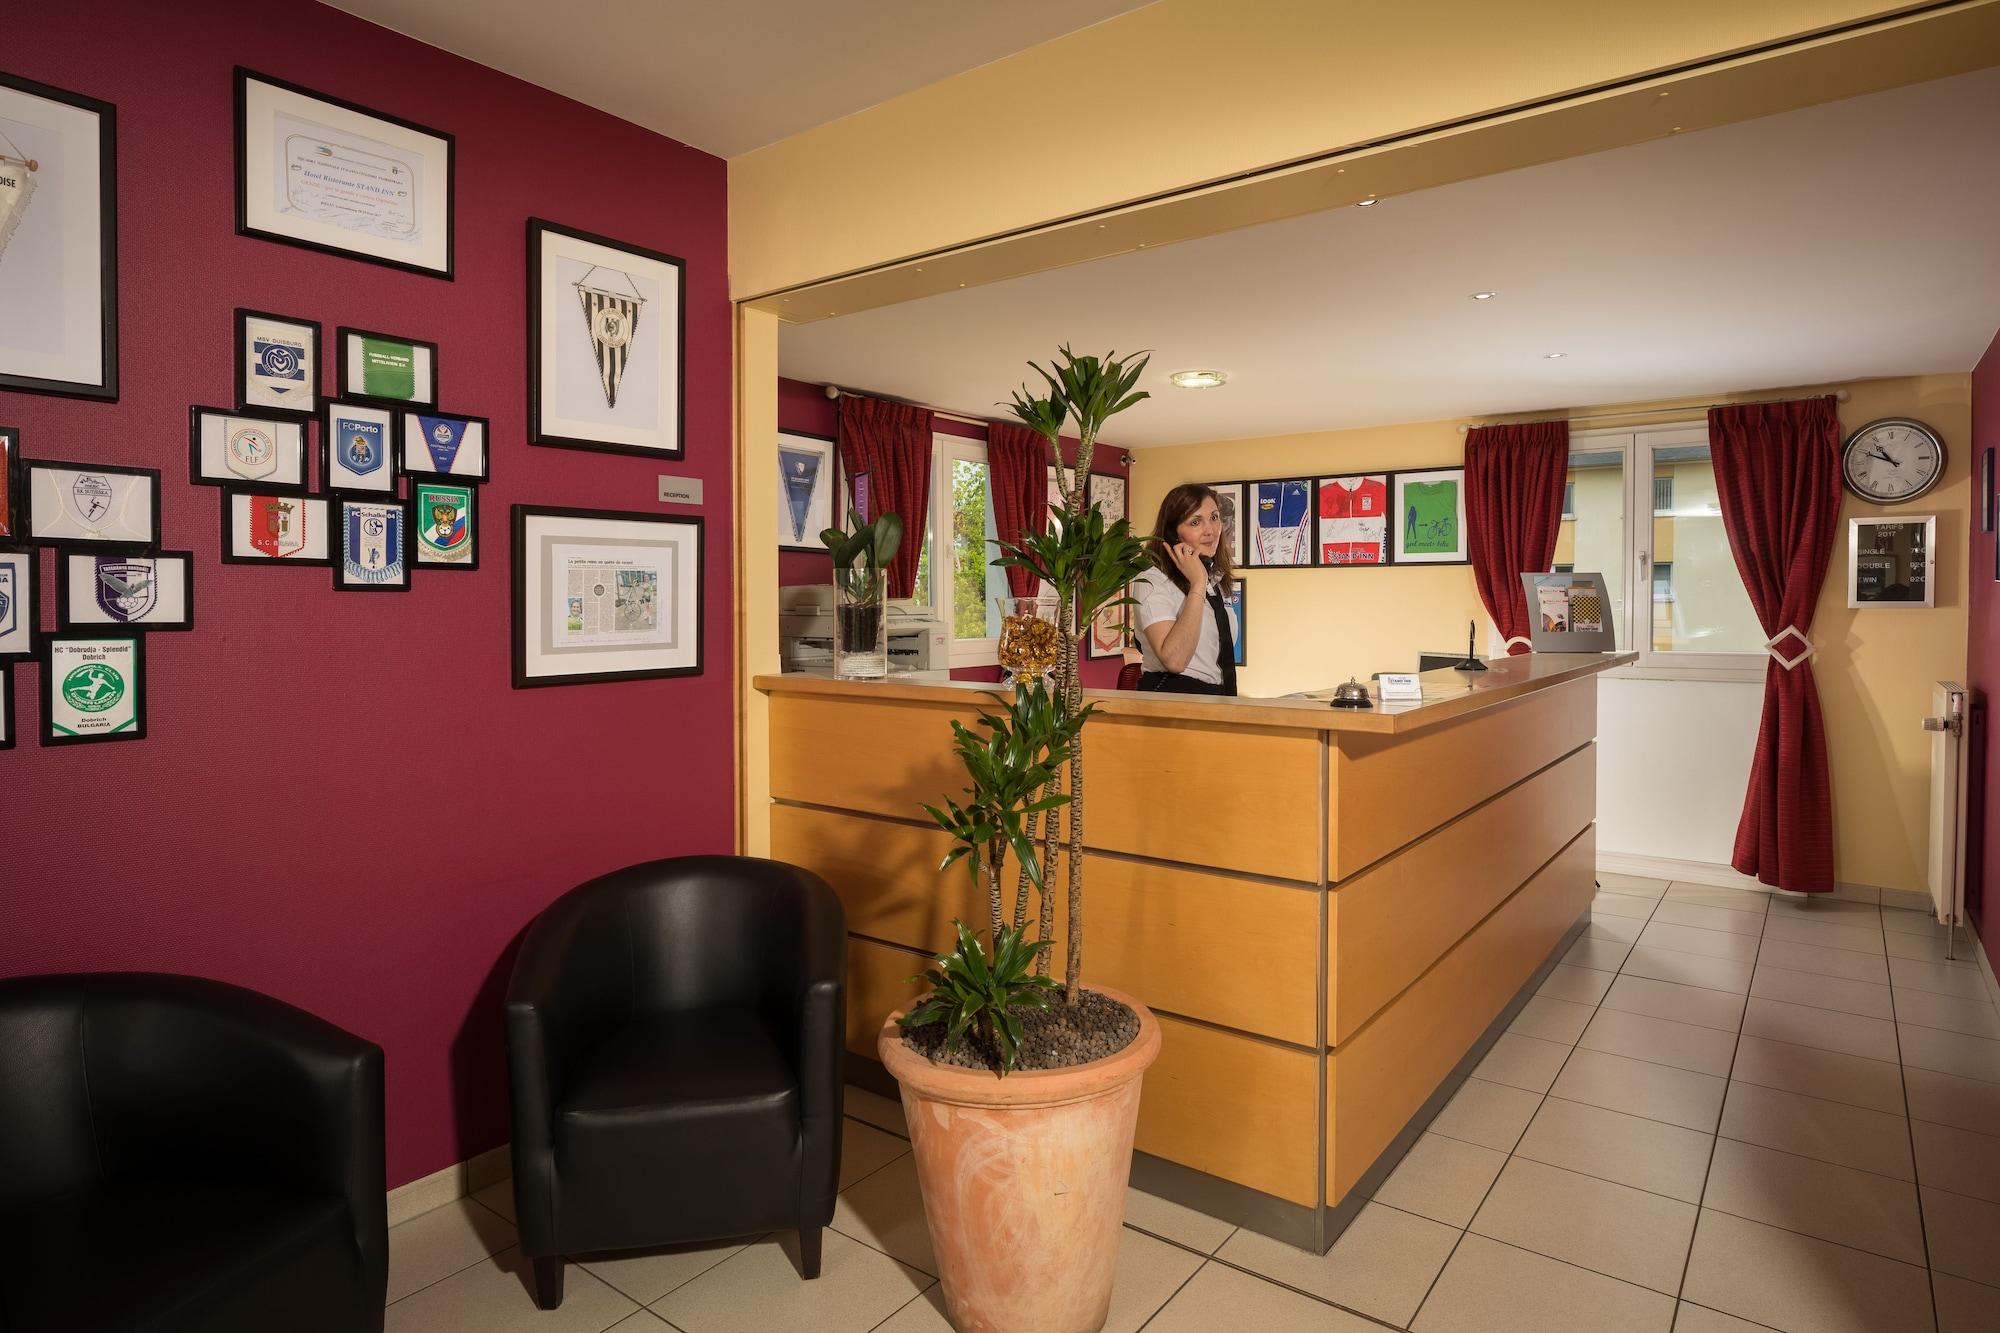 Hotel Stand'Inn, Esch-sur-Alzette